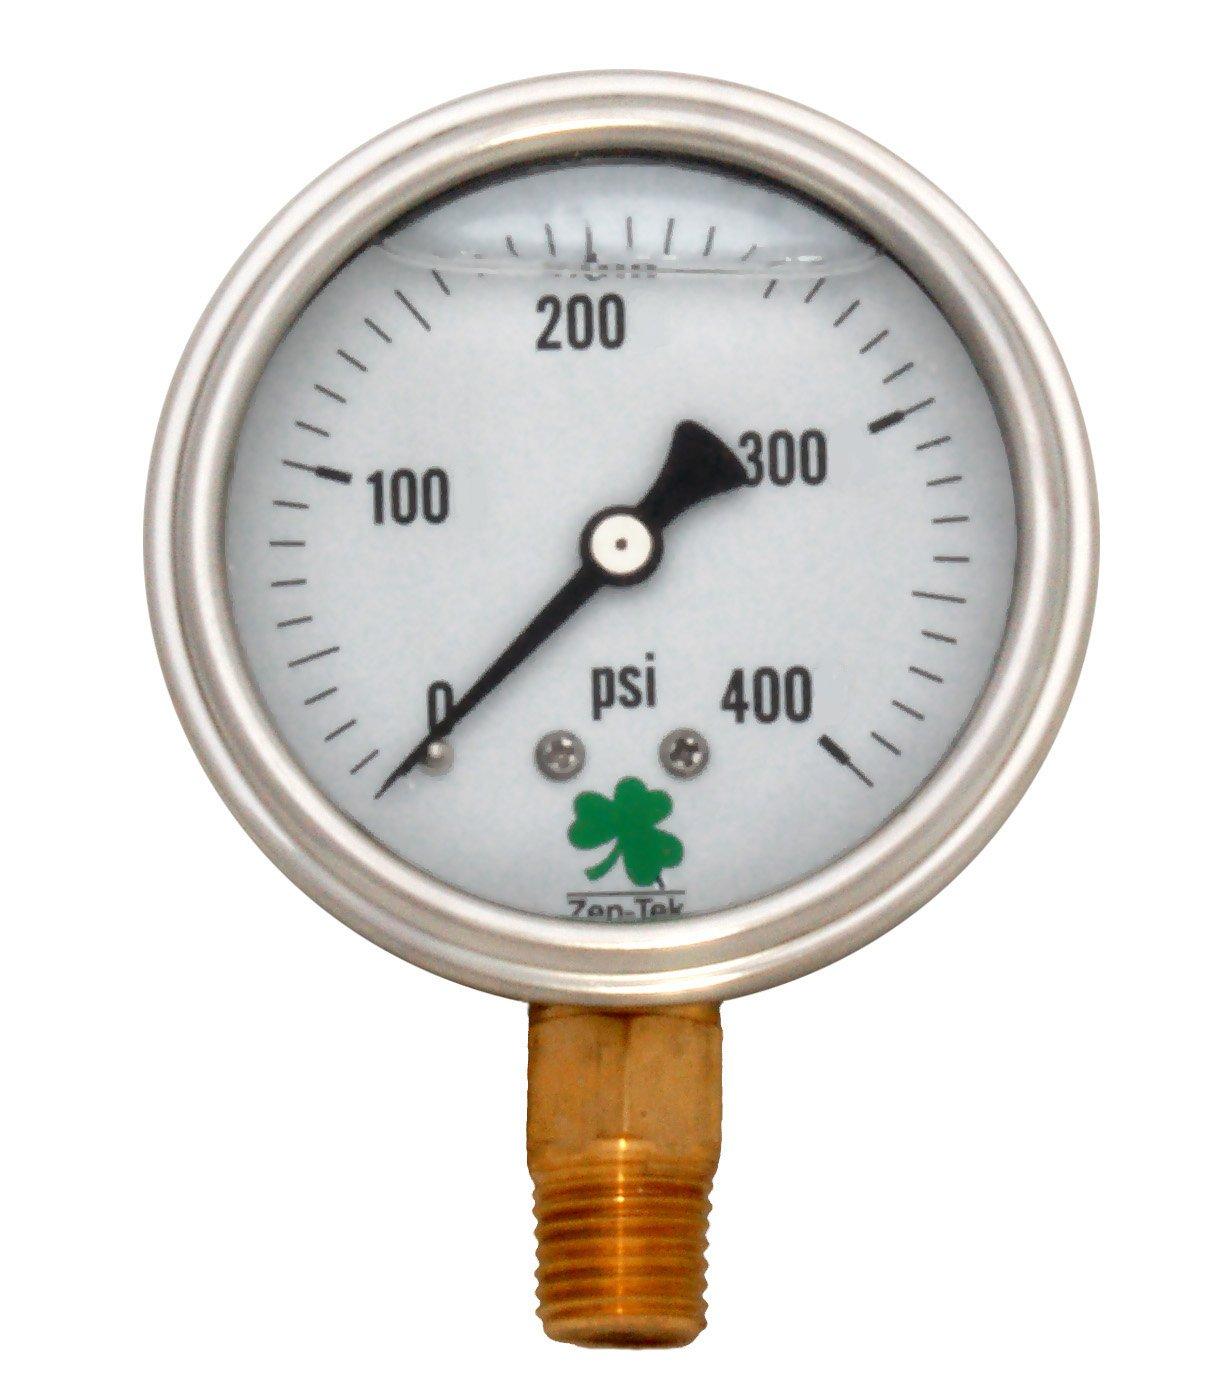 Zenport LPG400 Zen-Tek Glycerin Liquid Filled Pressure Gauge, 400 PSI by Zenport